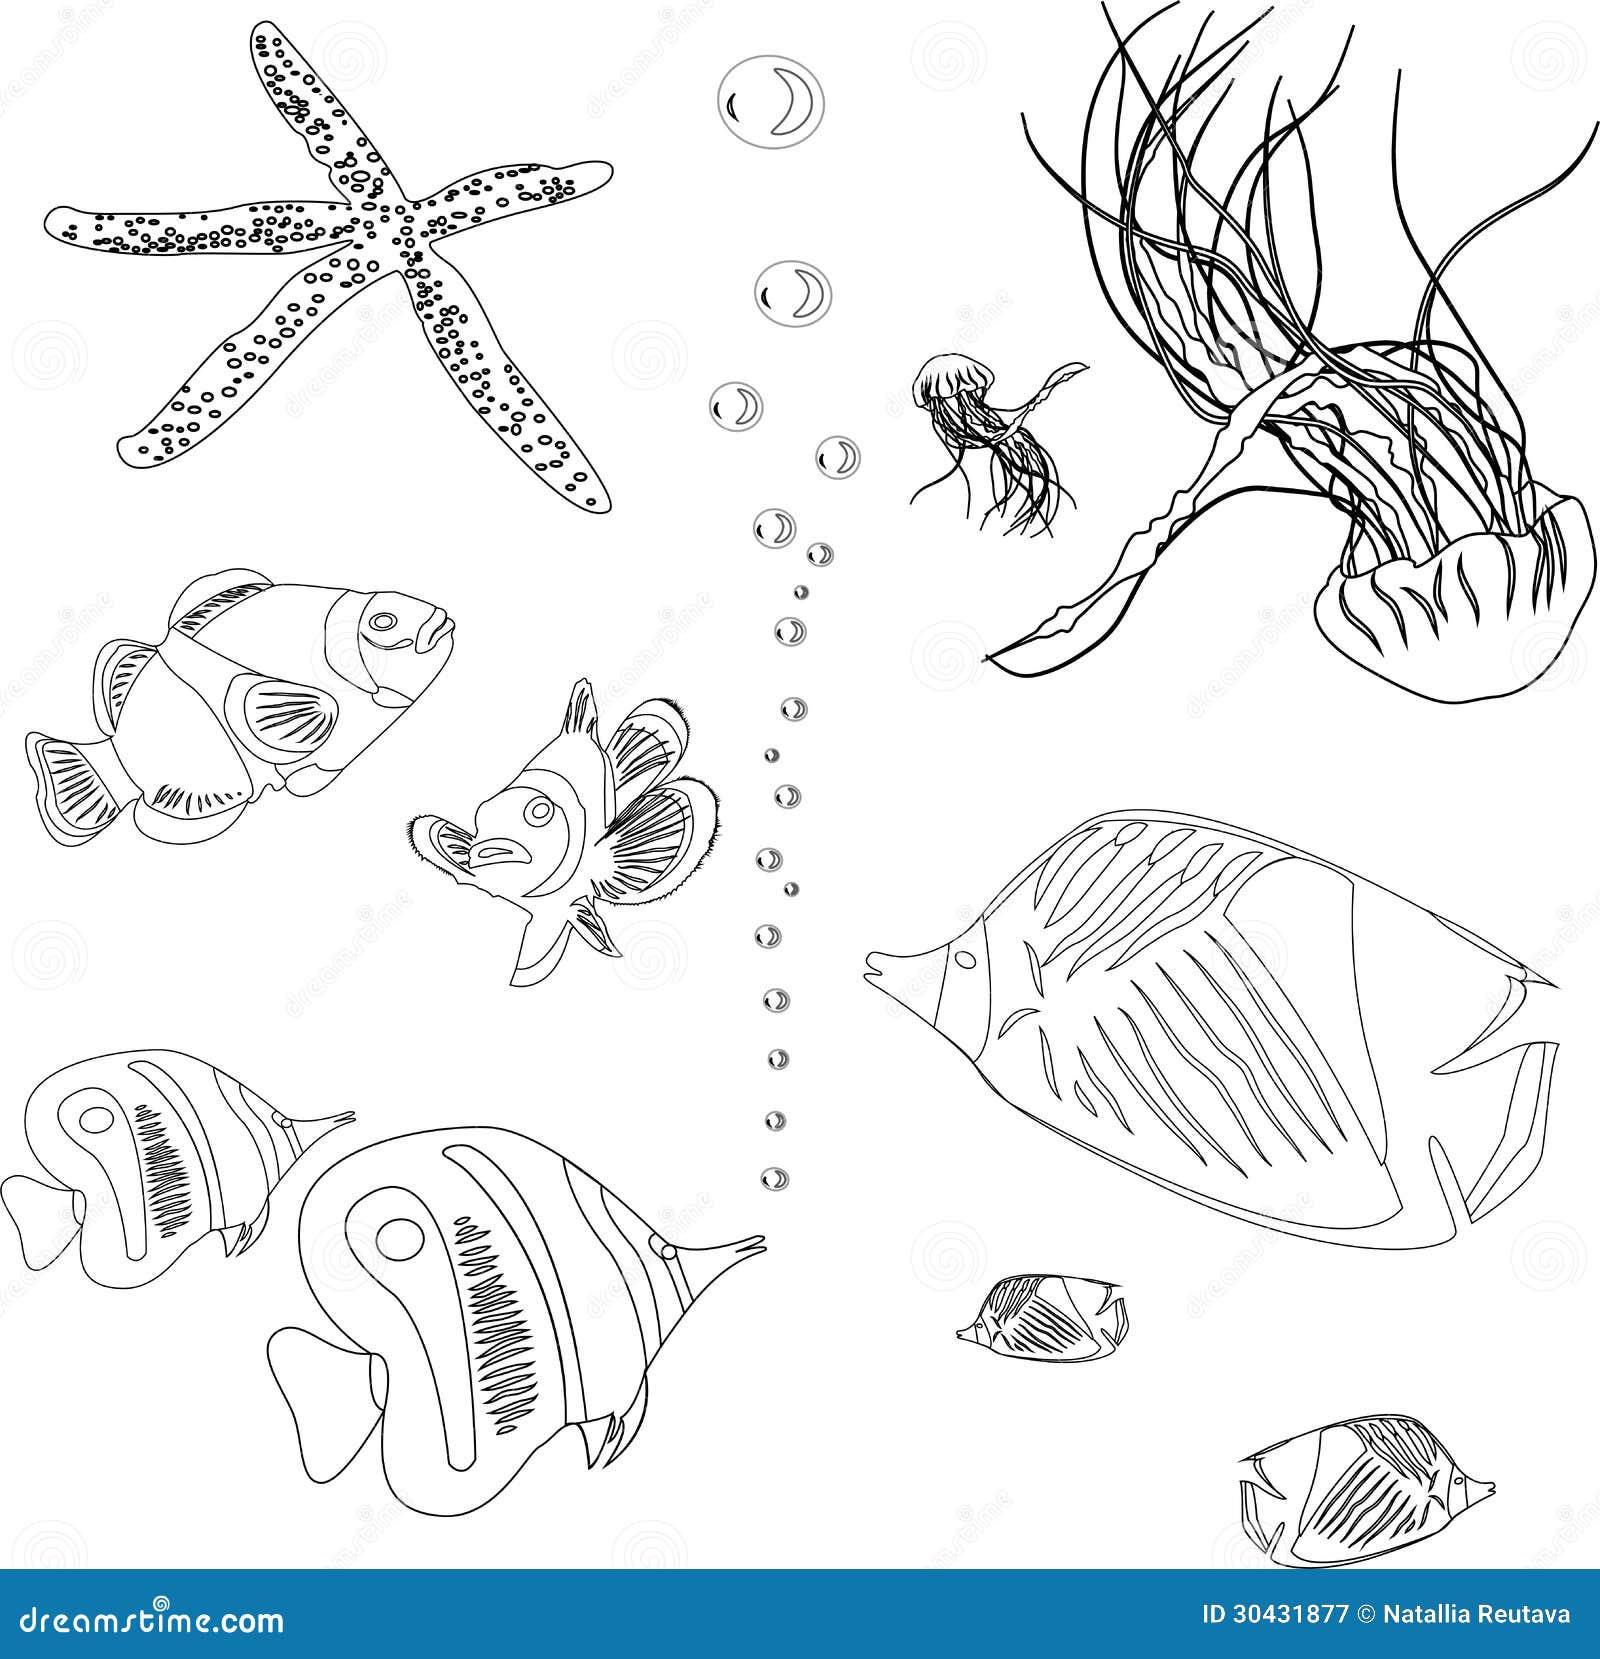 Impressionante Disegni Per Bambini Da Colorare Anemoni Stelle Marine